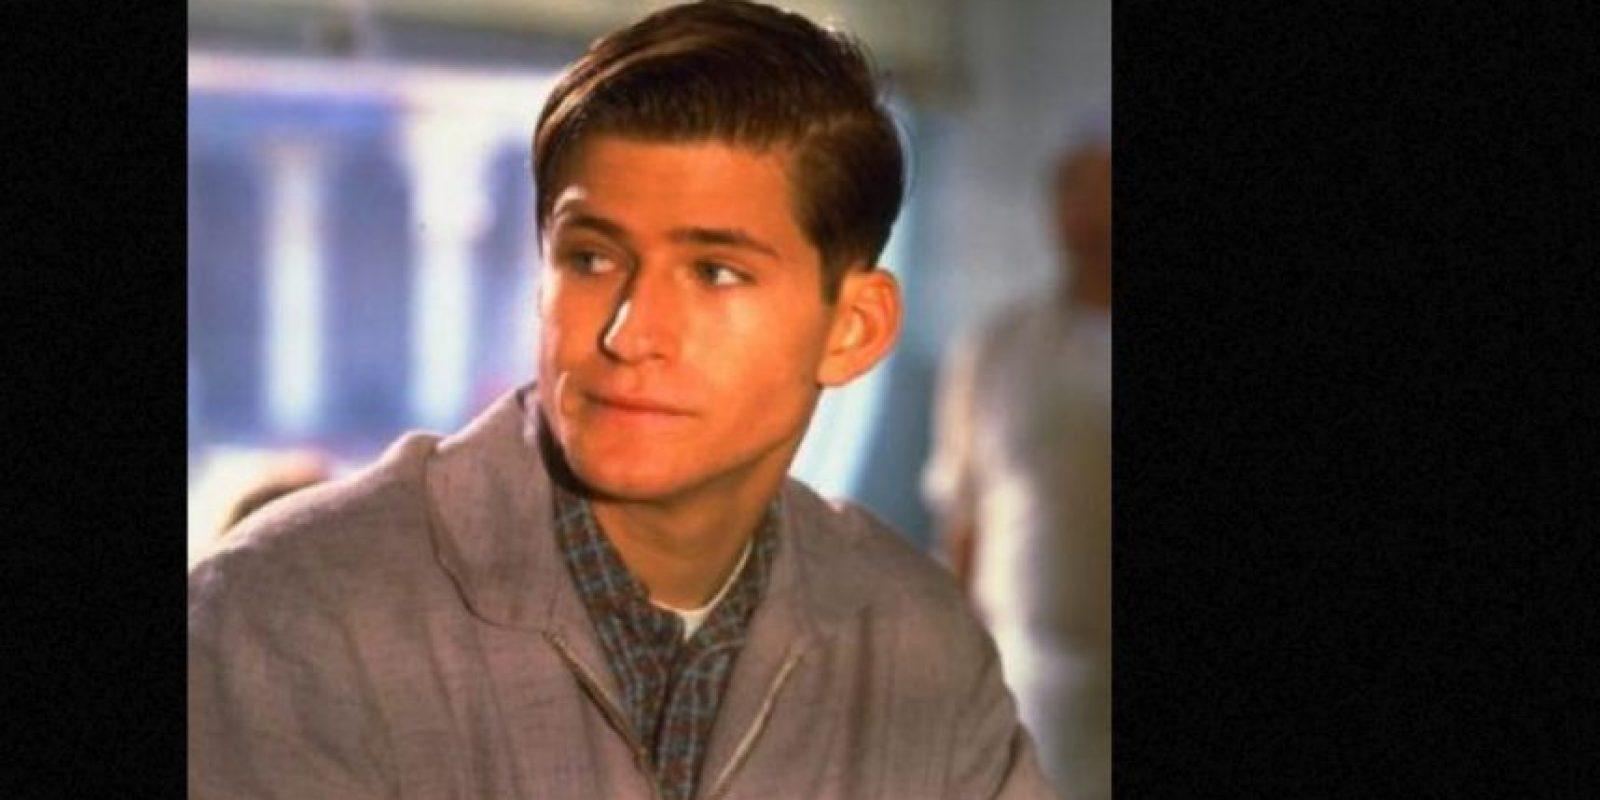 """Crispin Glove encarnó a """"George McFly"""", el chico tímido que se convertirá en el padre de """"Marty"""" Foto:vía IMDB"""